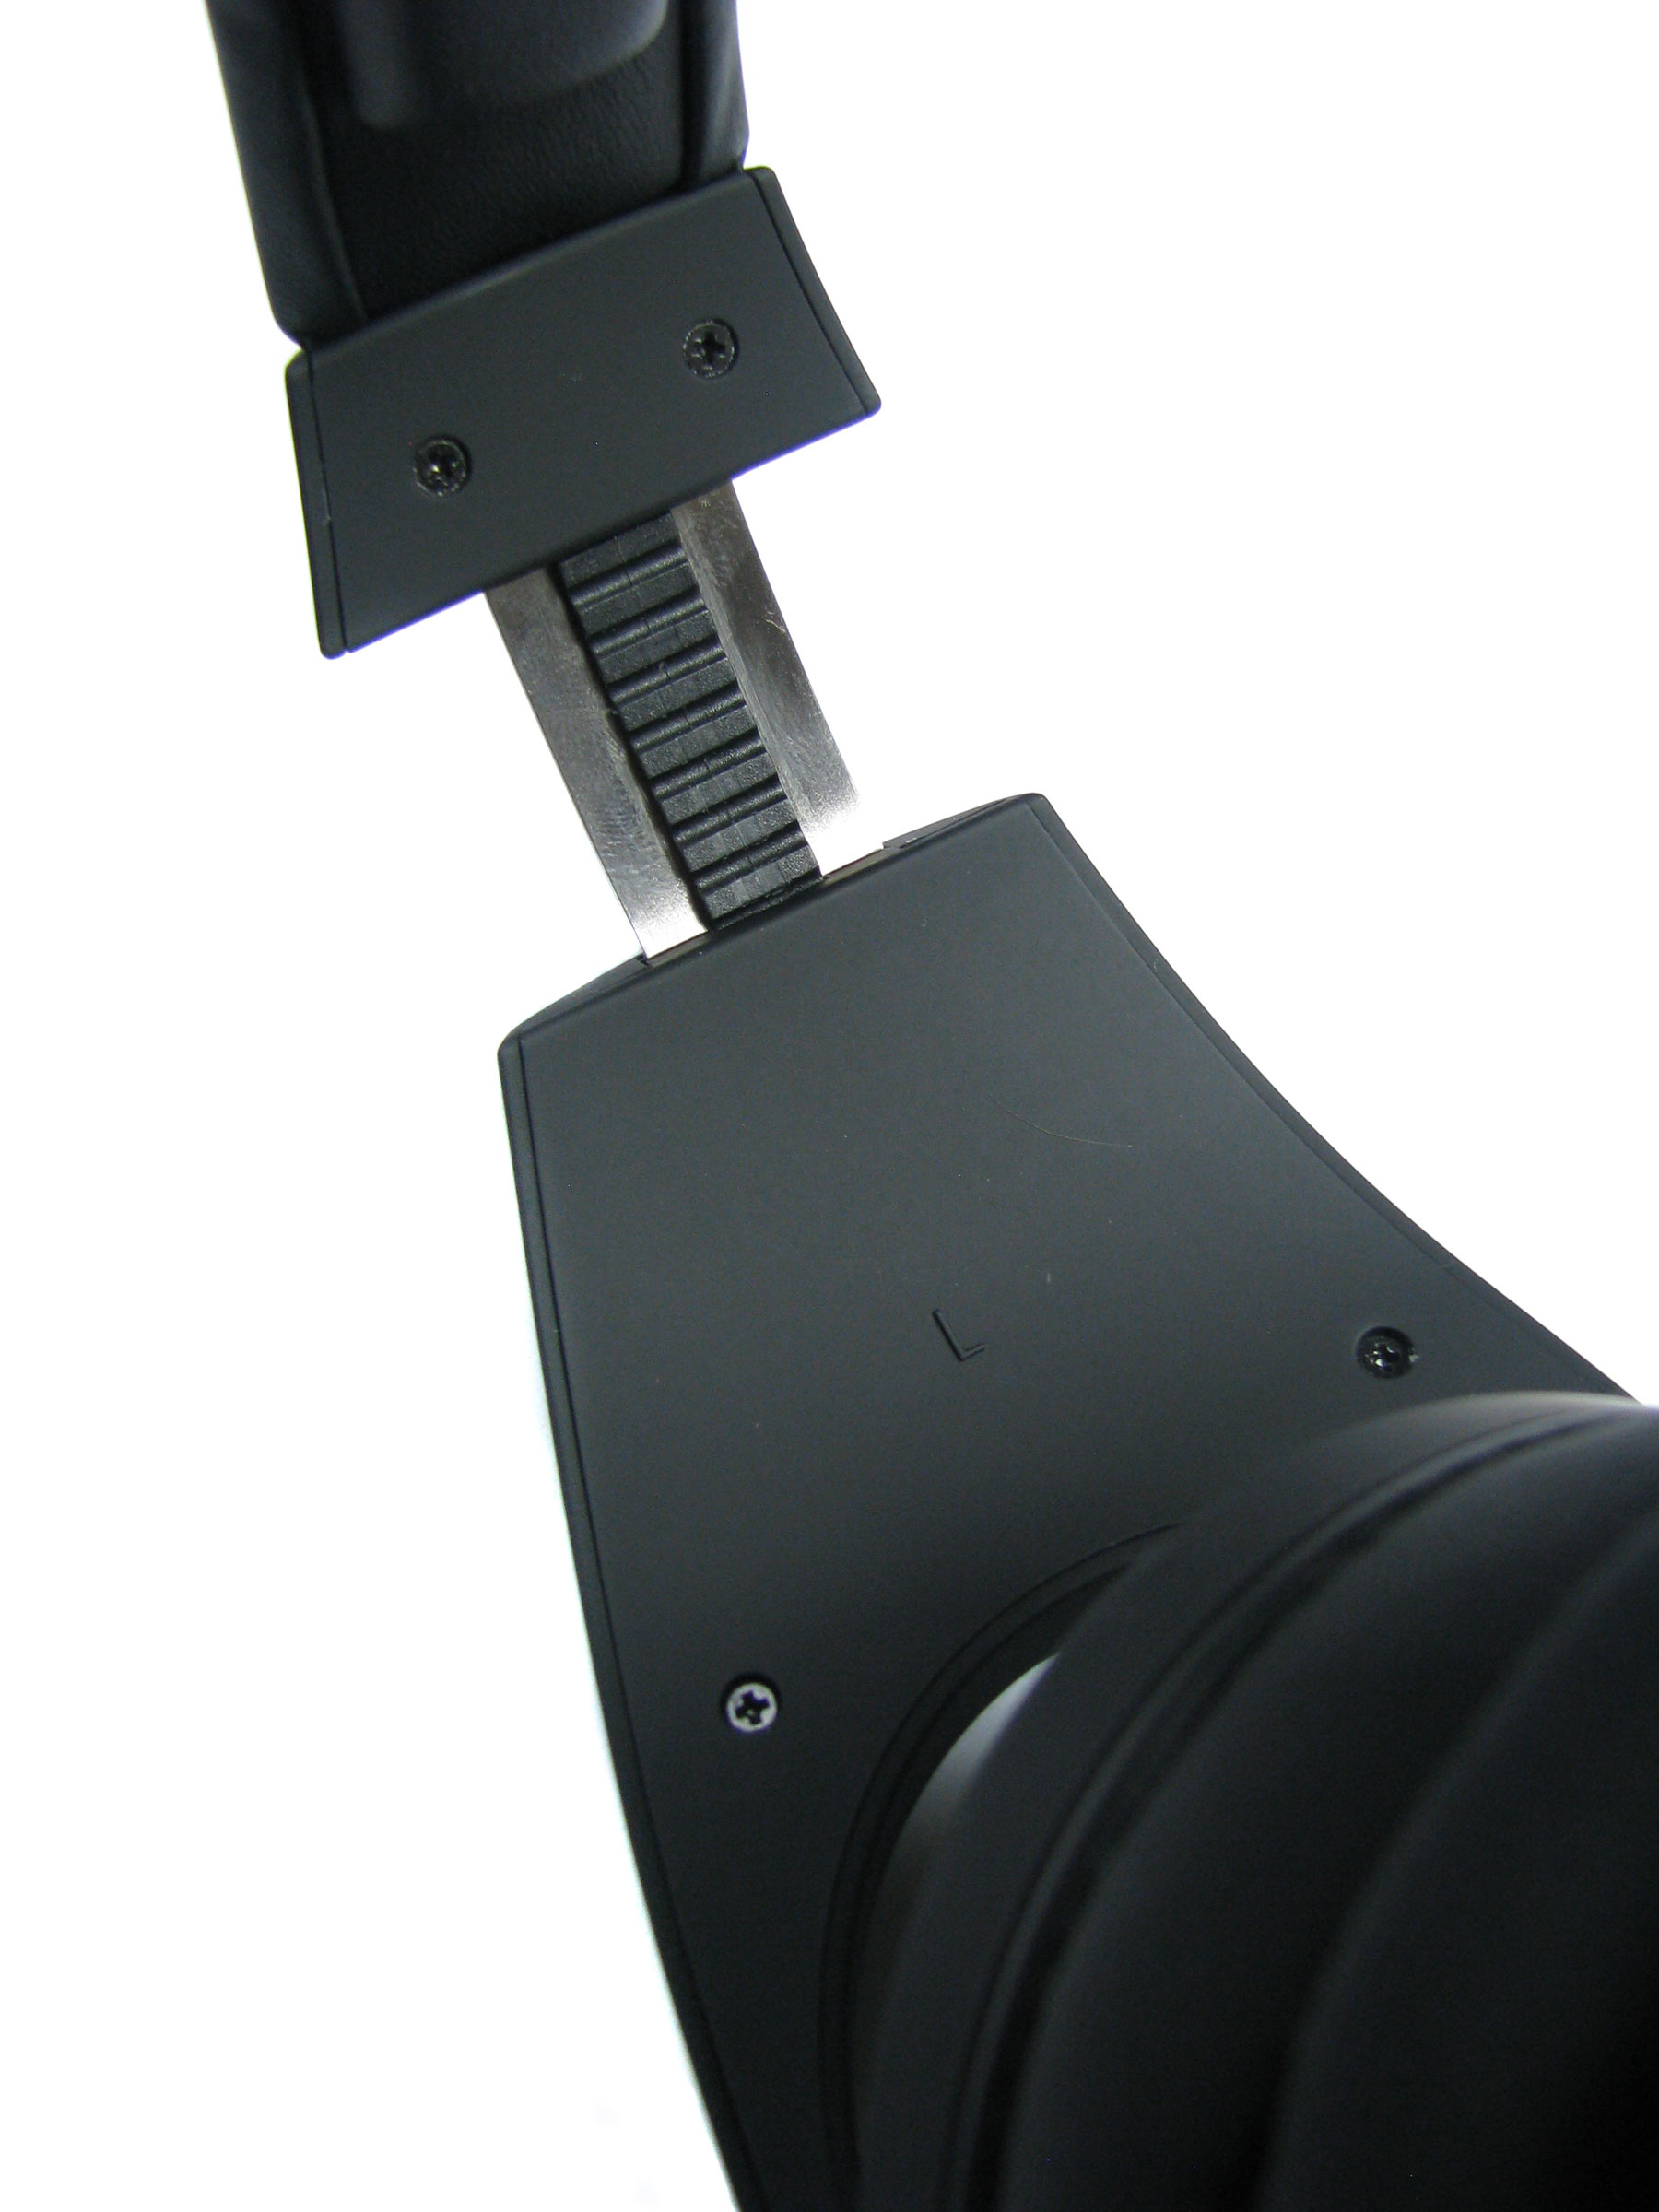 Regulacja wysokości słuchawek jest prosta i szybka.